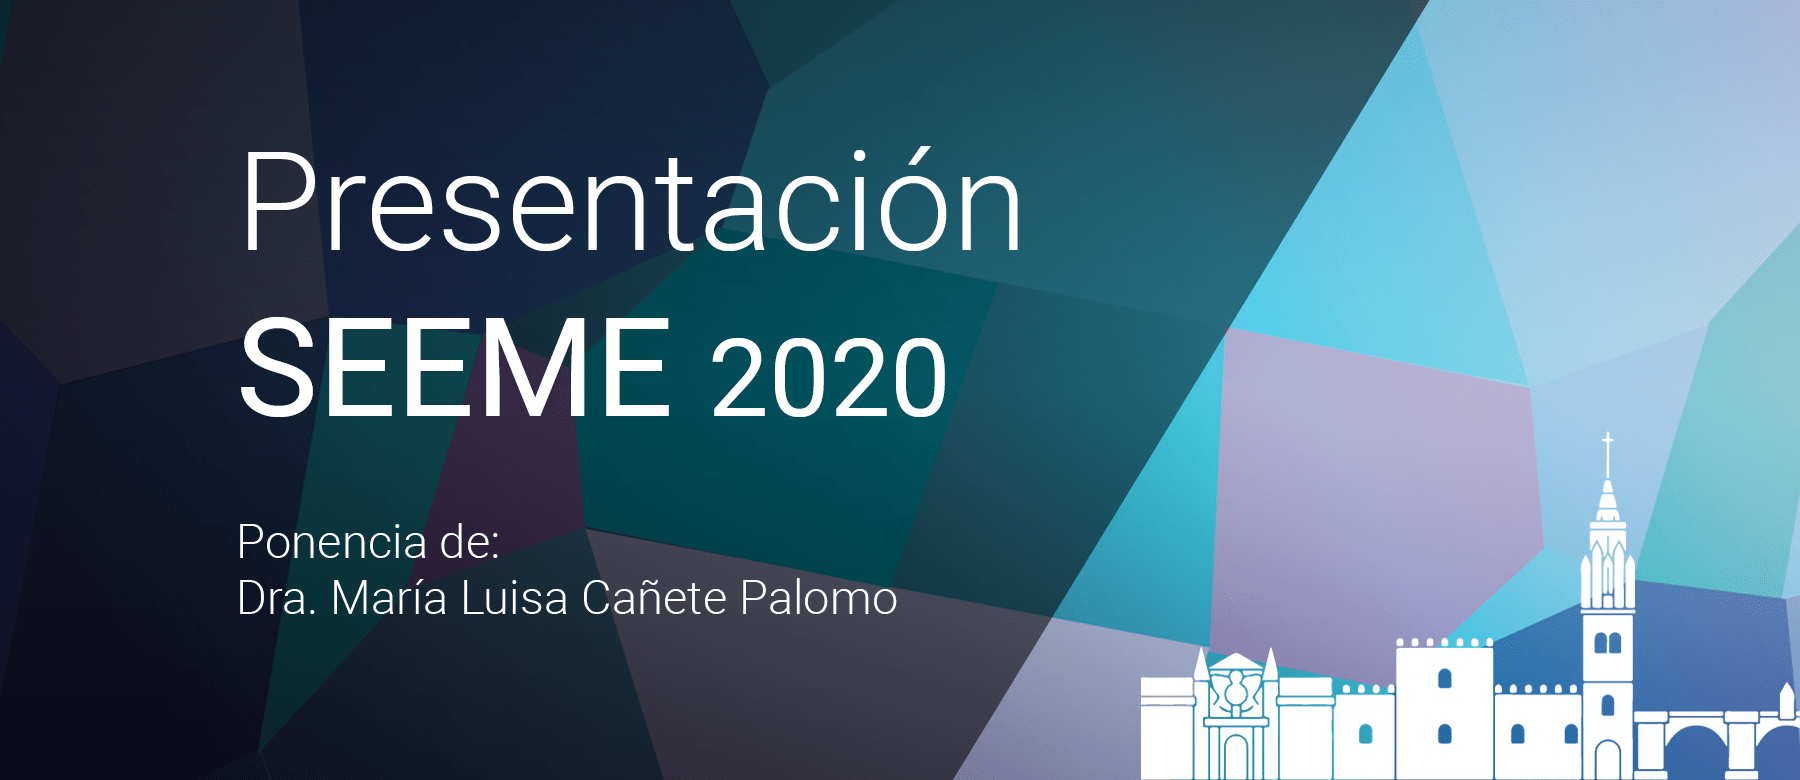 Presentación Virtual SEEME 2020